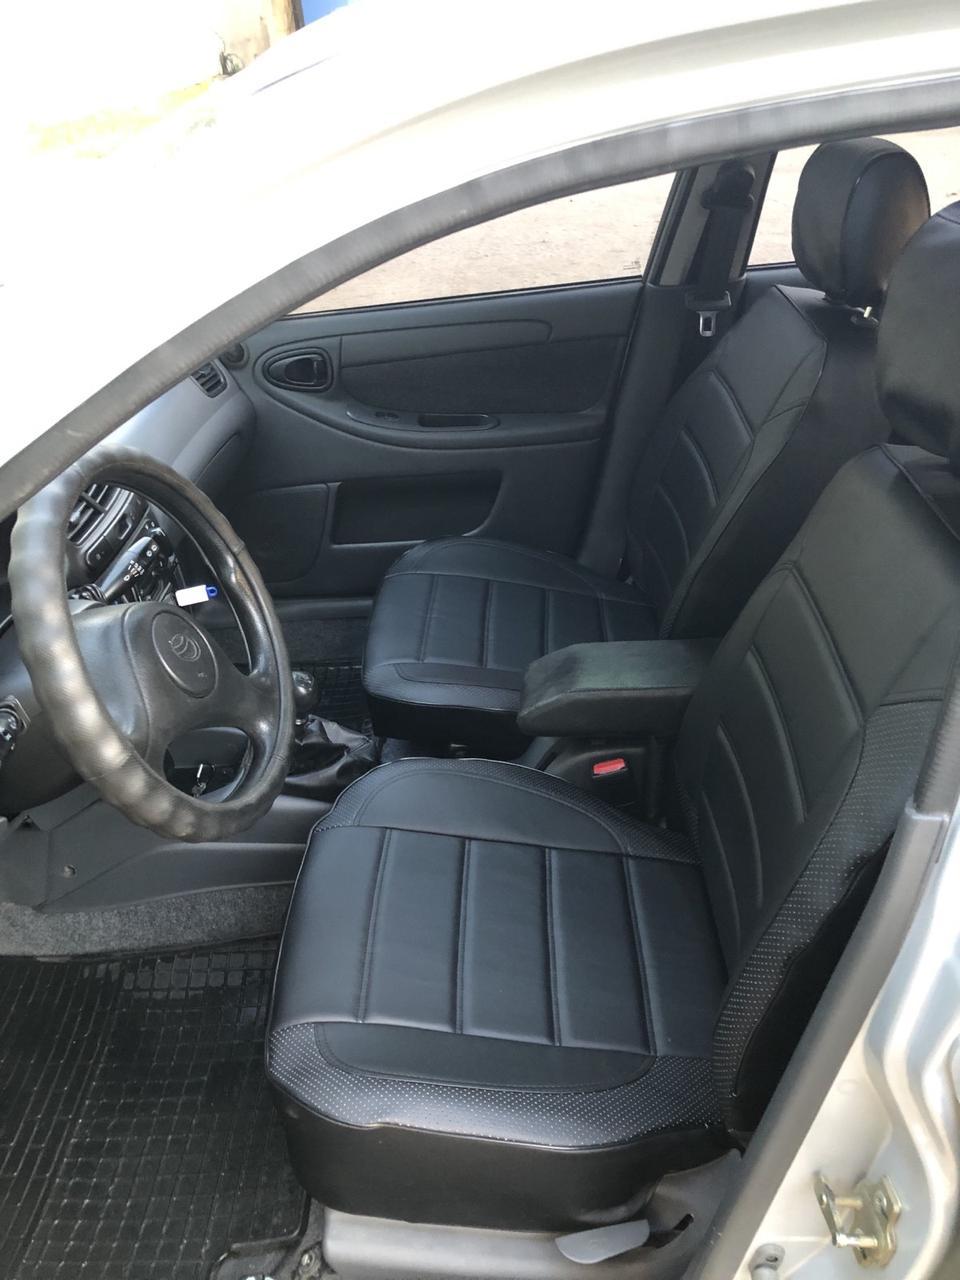 Чехлы на сиденья Хендай Акцент (Hyundai Accent) модельные MAX-L из экокожи Черный